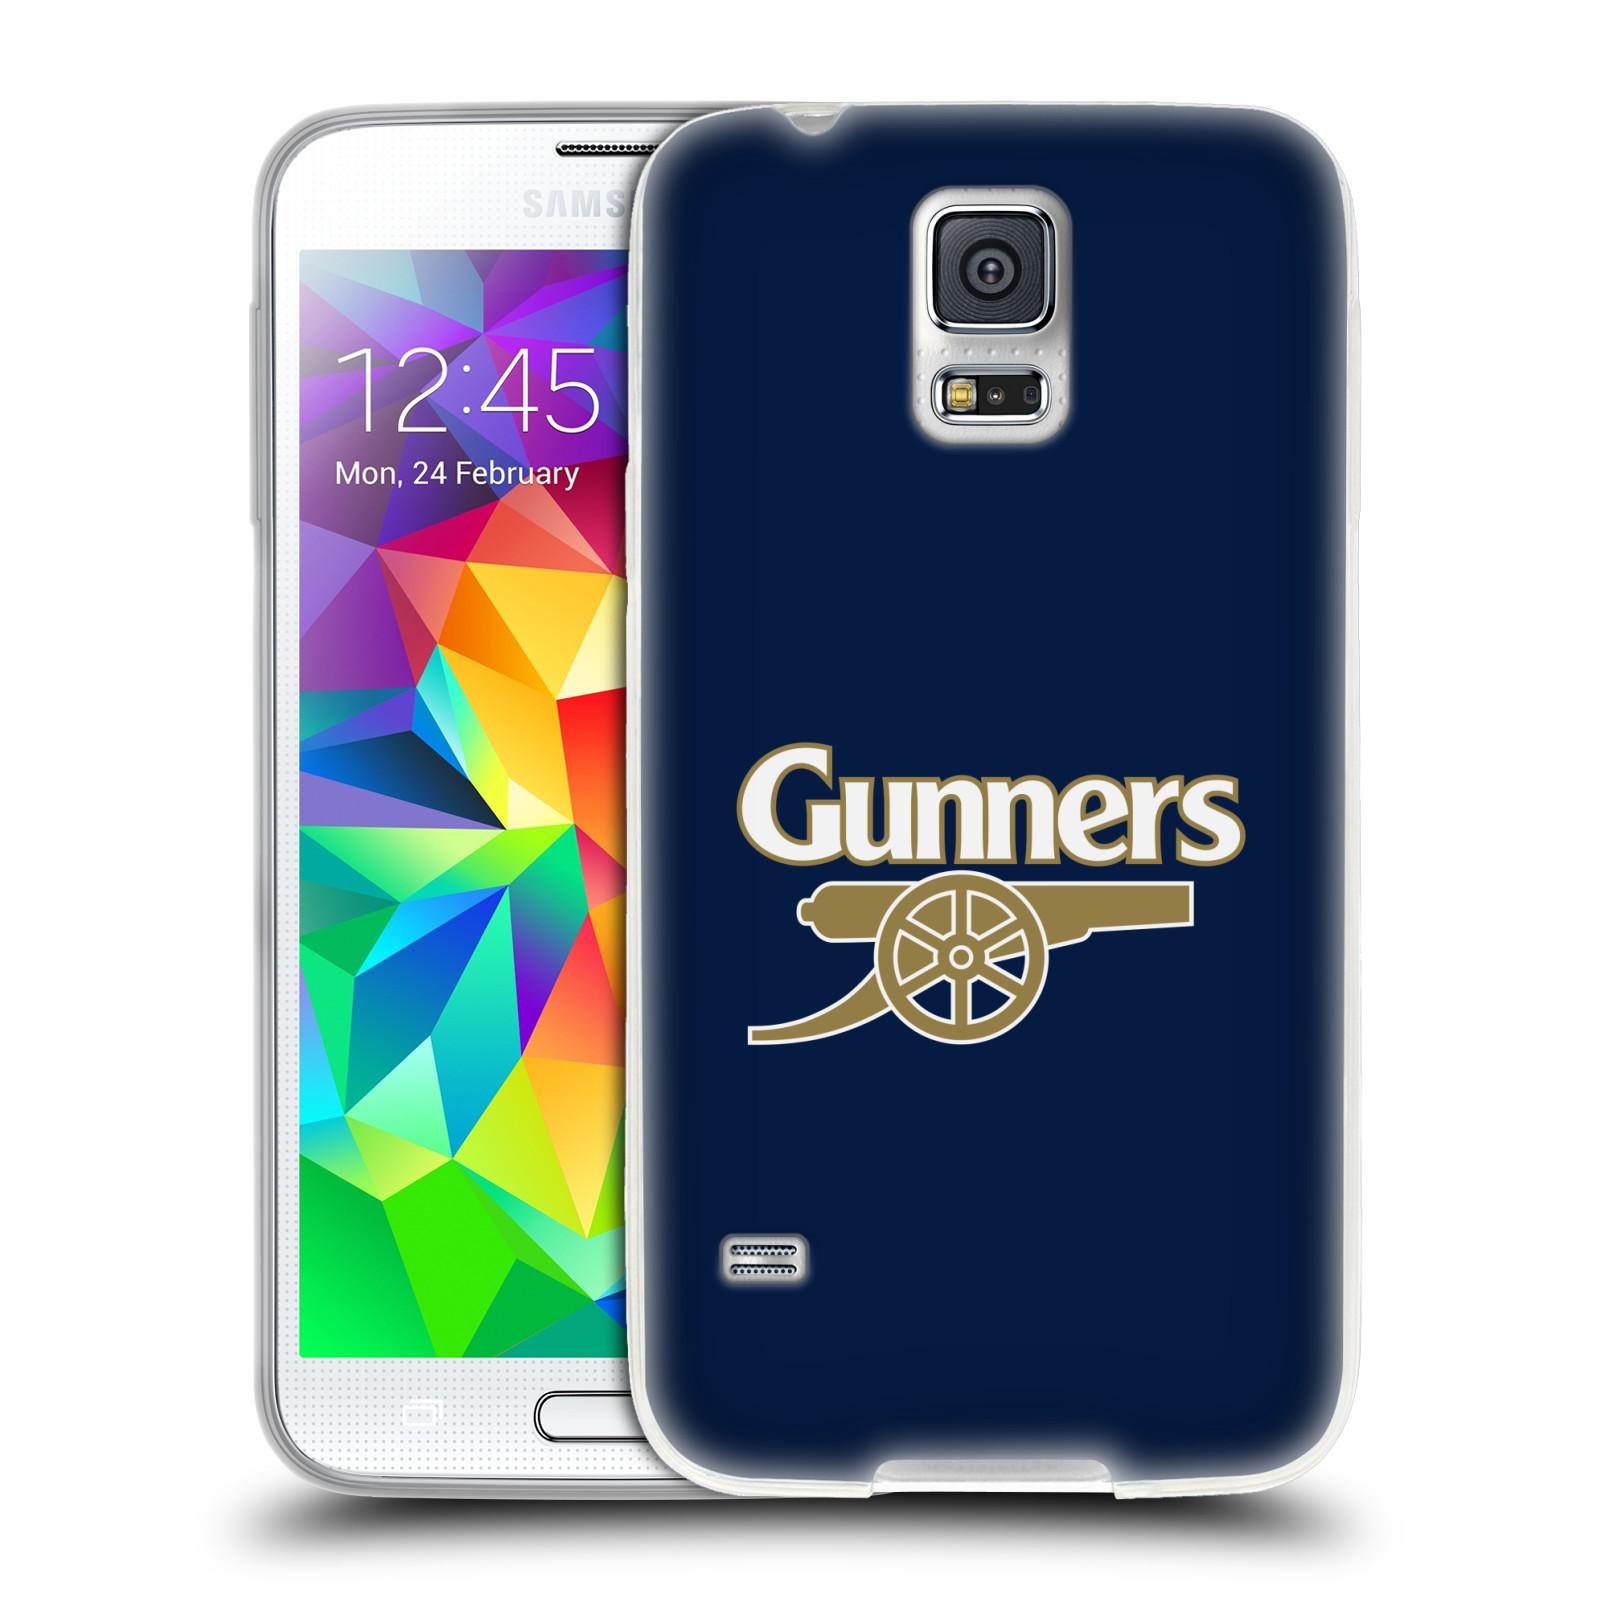 Silikonové pouzdro na mobil Samsung Galaxy S5 - Head Case - Arsenal FC - Gunners